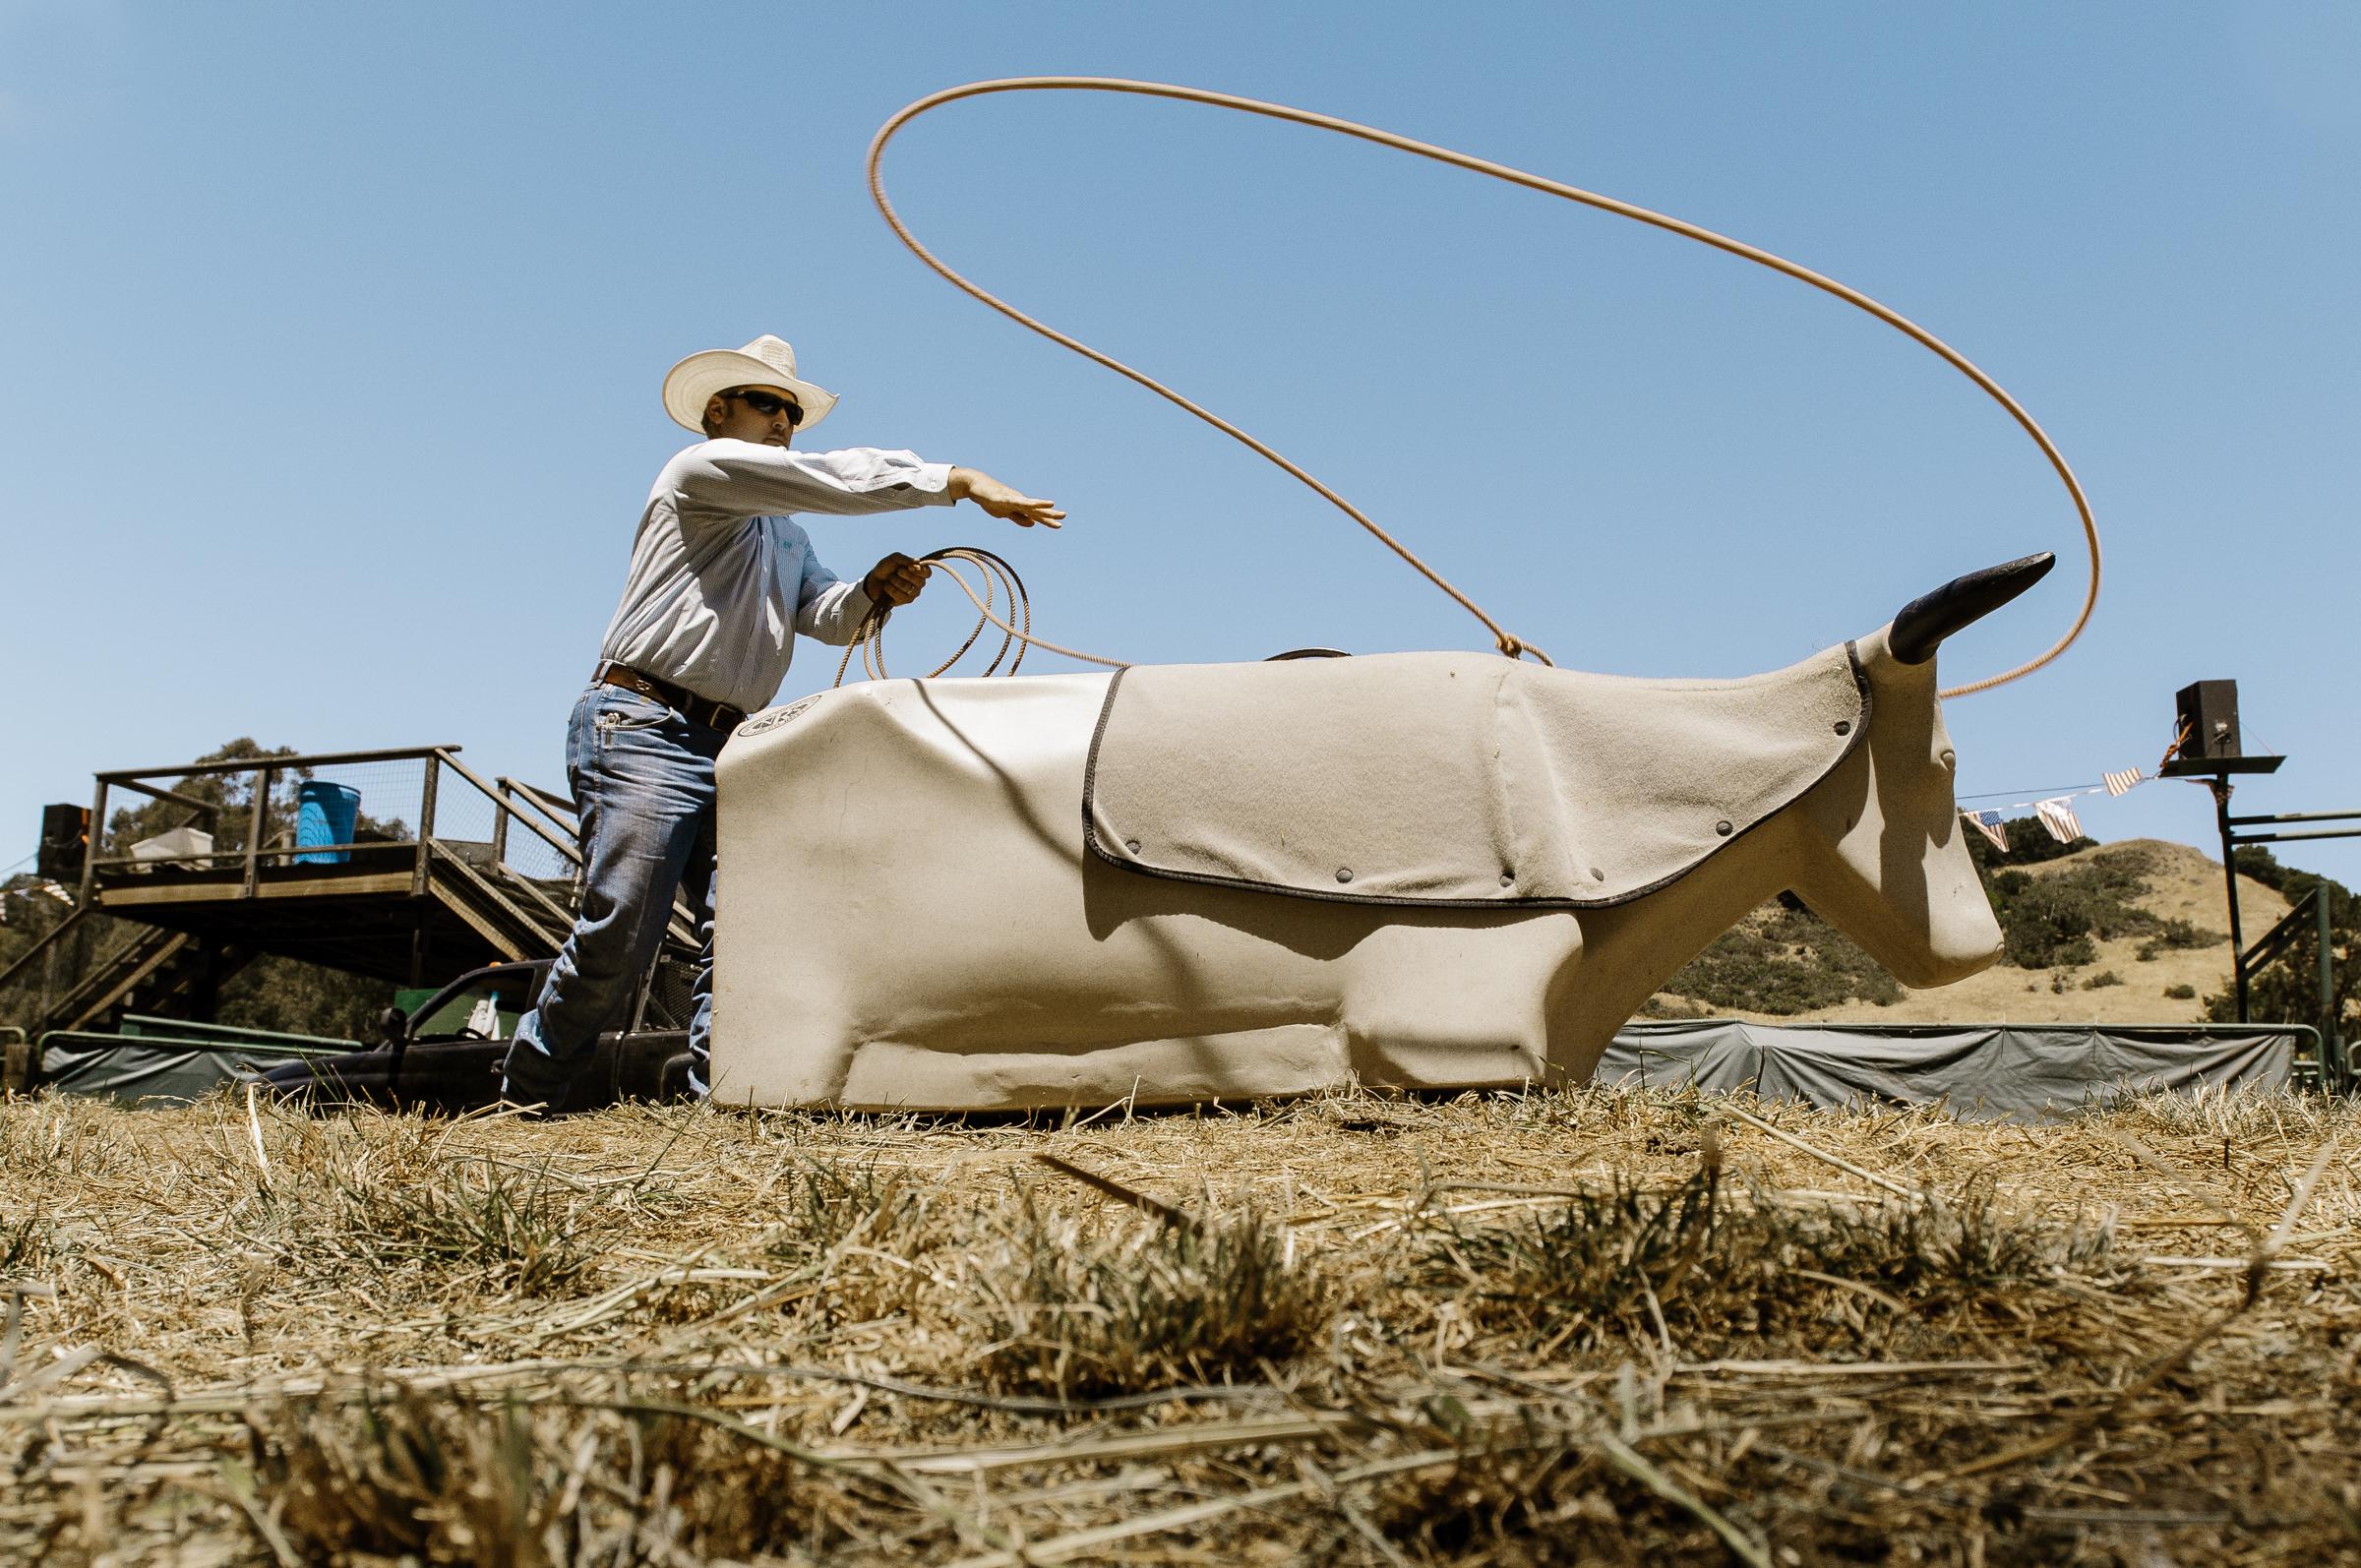 Calf Roping Practice. La Honda, CA